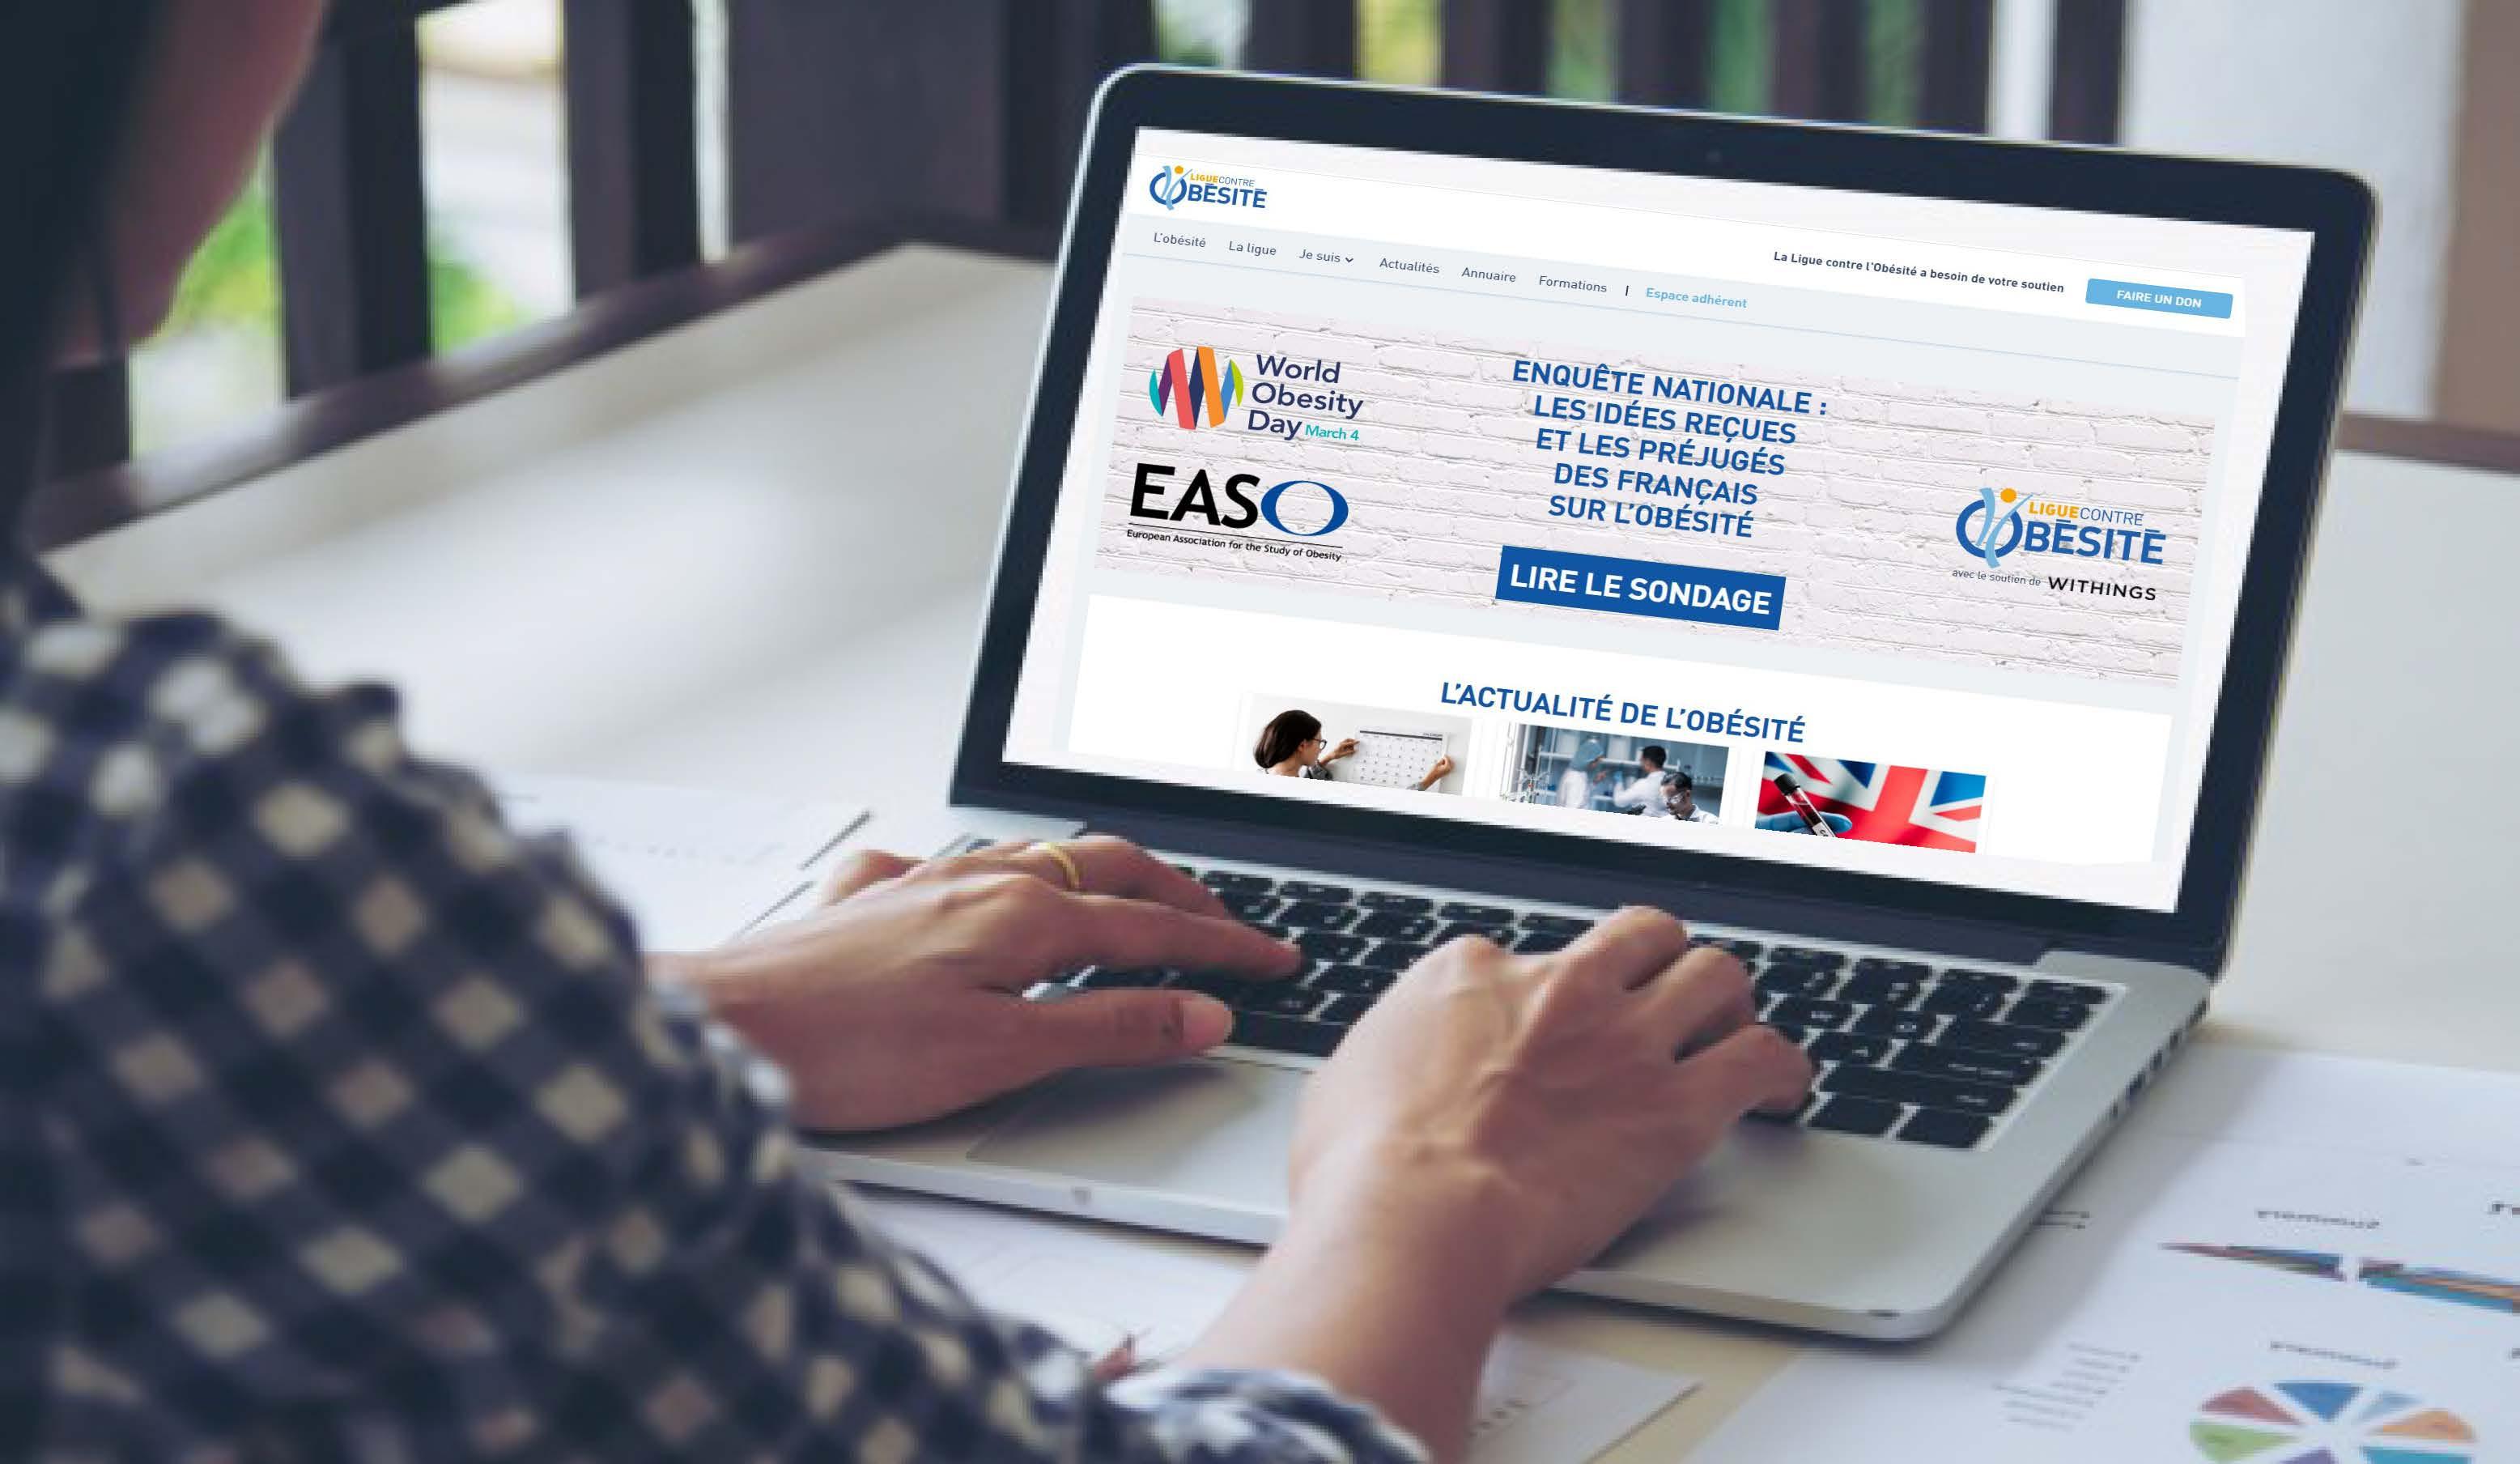 L'audience du site de la Ligue contre l'obésité poursuit sa progression. Au mois d'avril, 50 000 internautes ont consulté notre plateforme numérique. En tête des recherches : les sujets du poids, de l'obésité, l'actualité, etc.